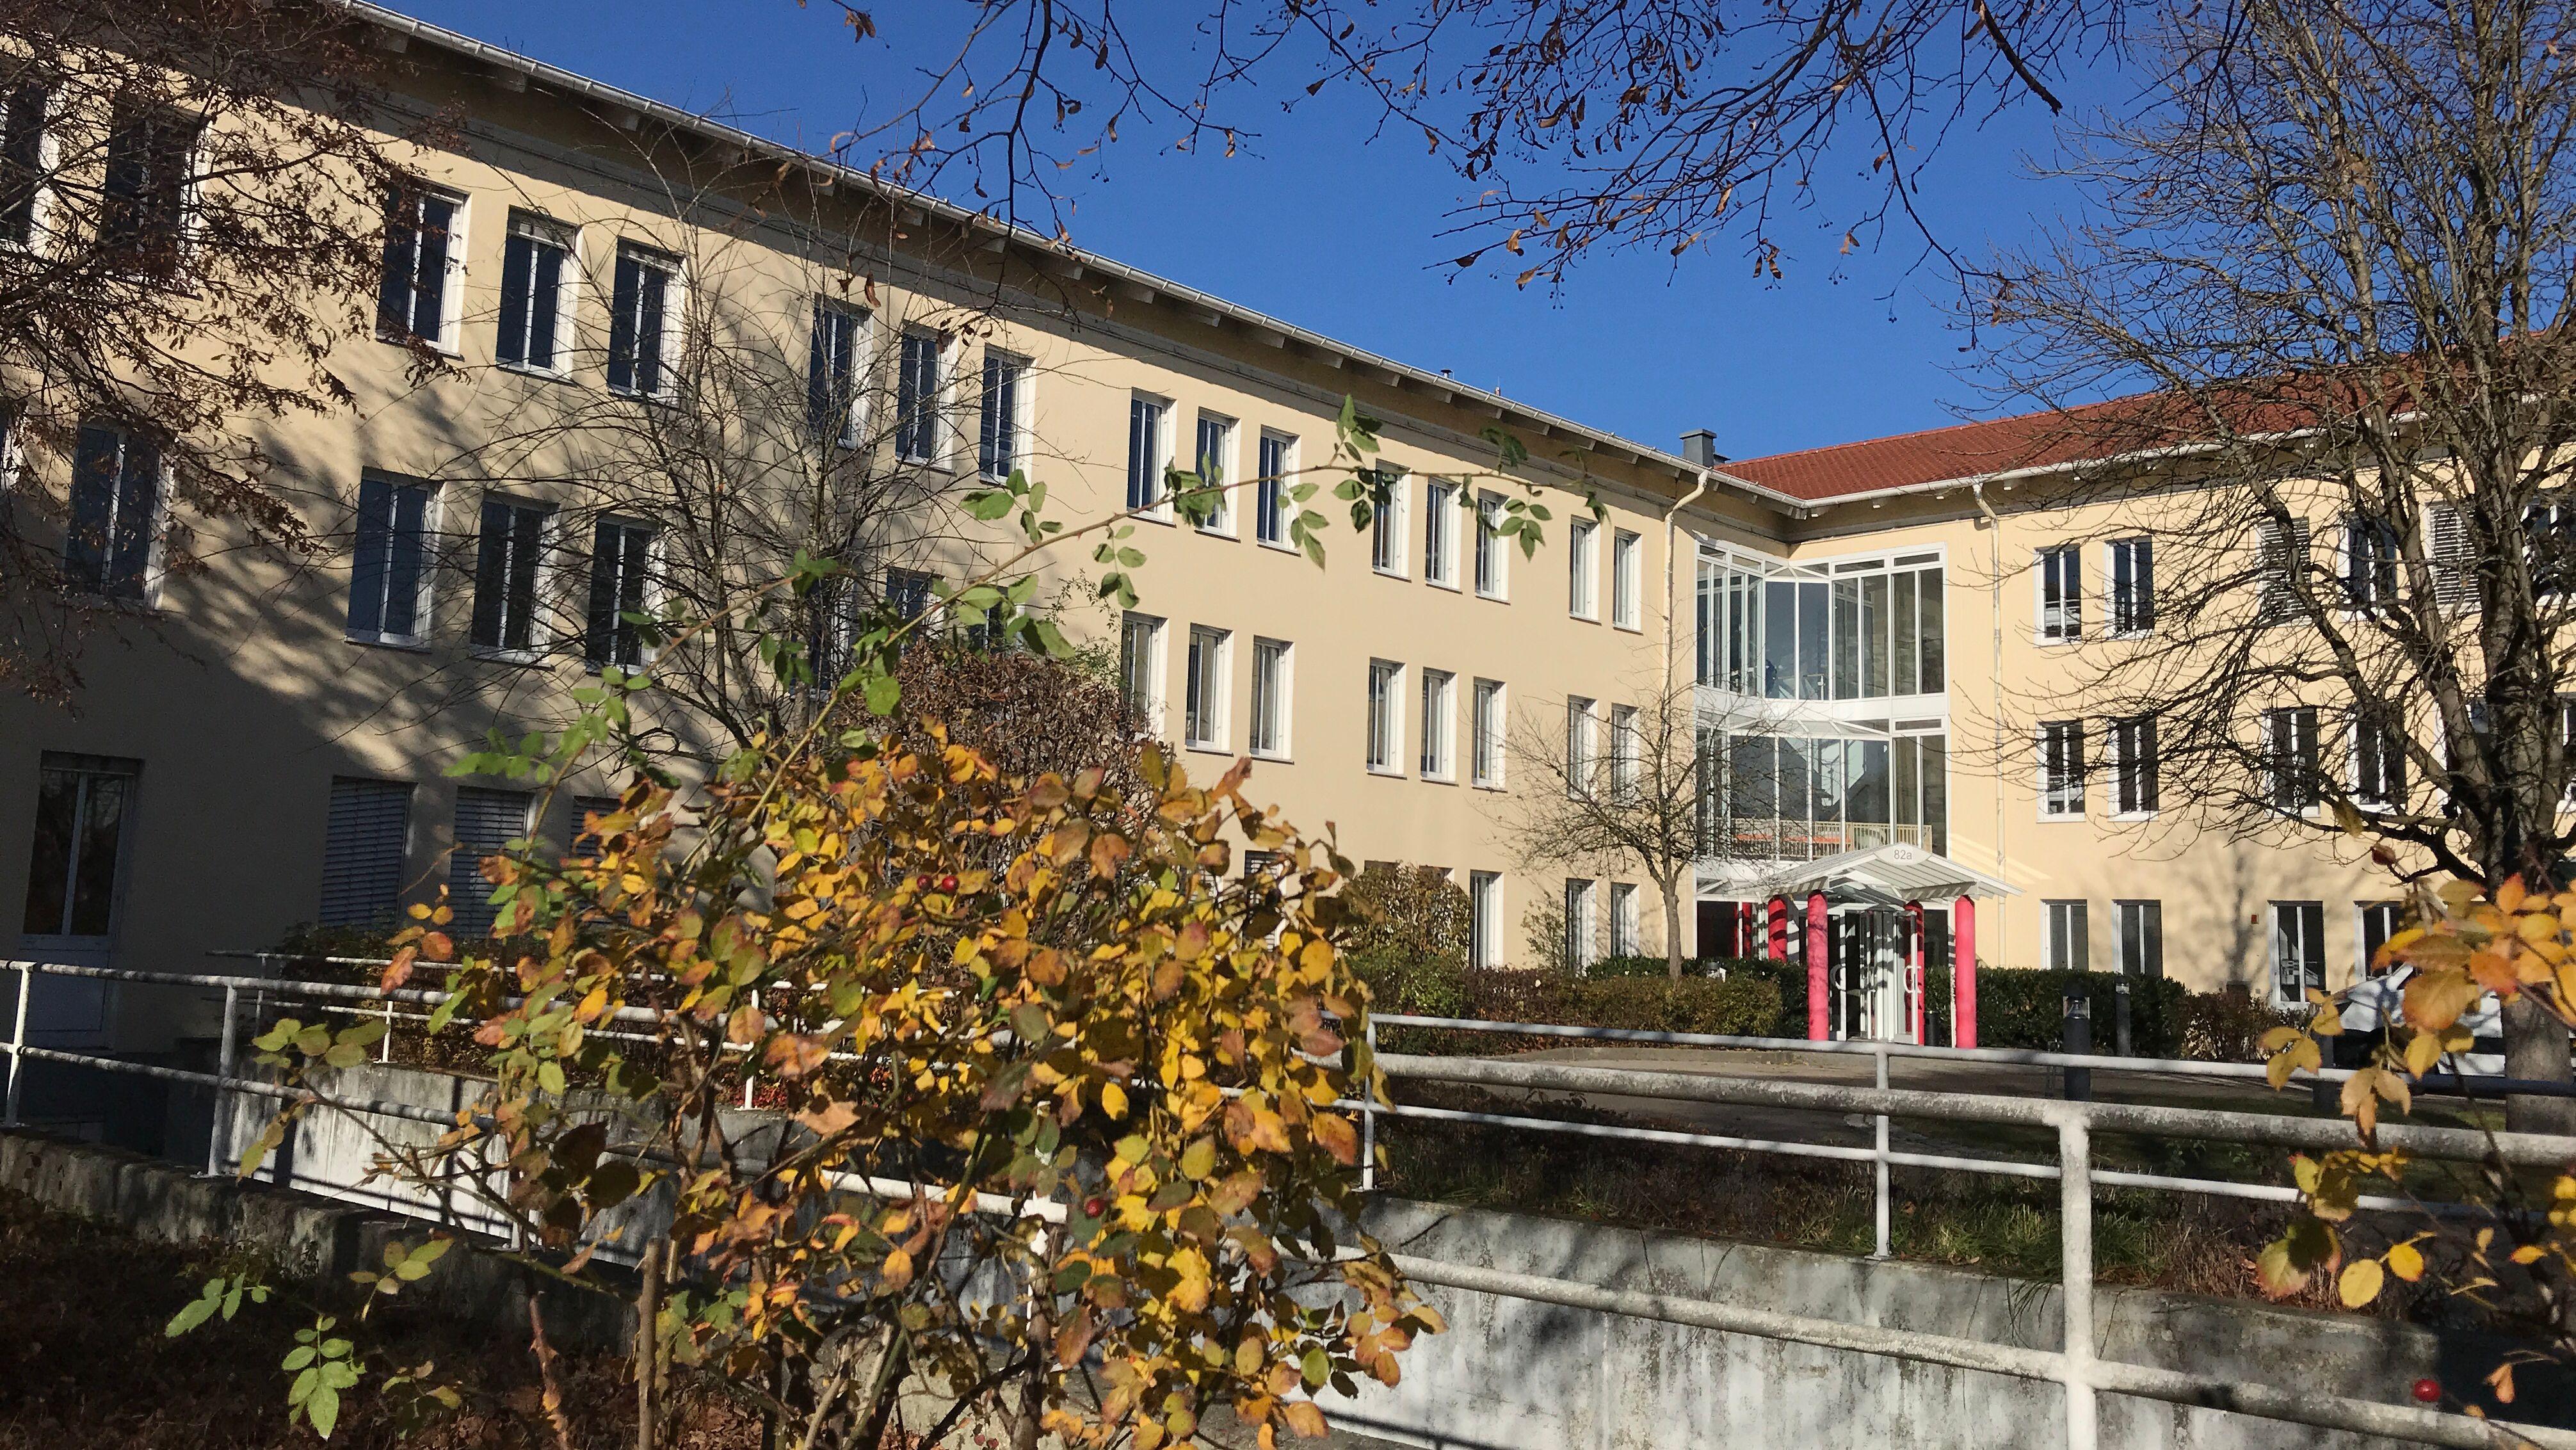 Ankerzentrum Außenstelle Augsburg